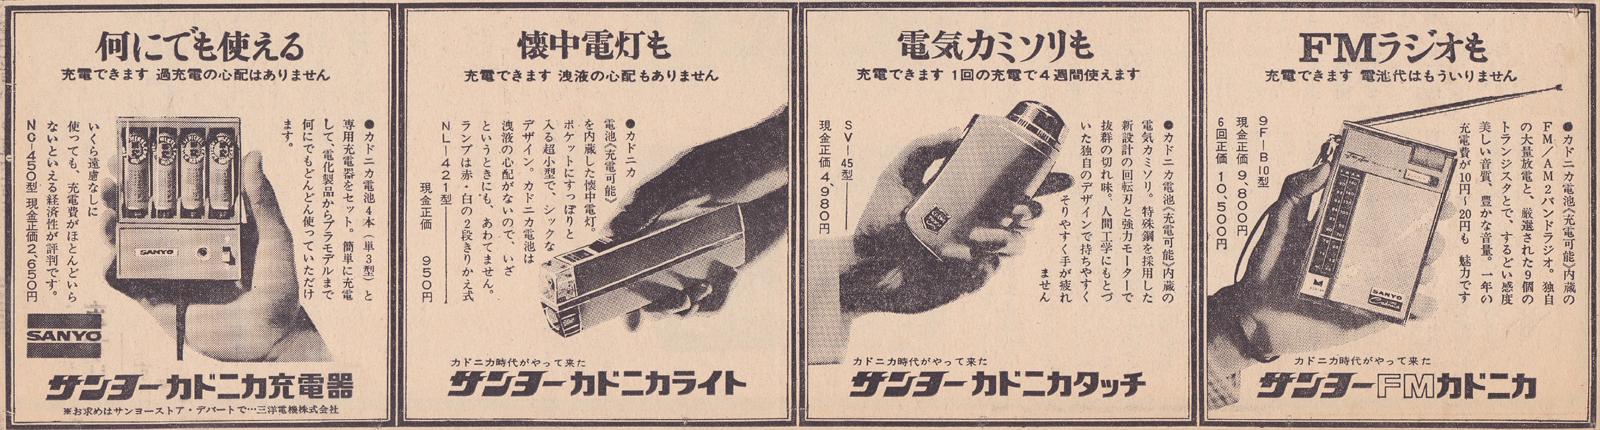 19660105d.jpg